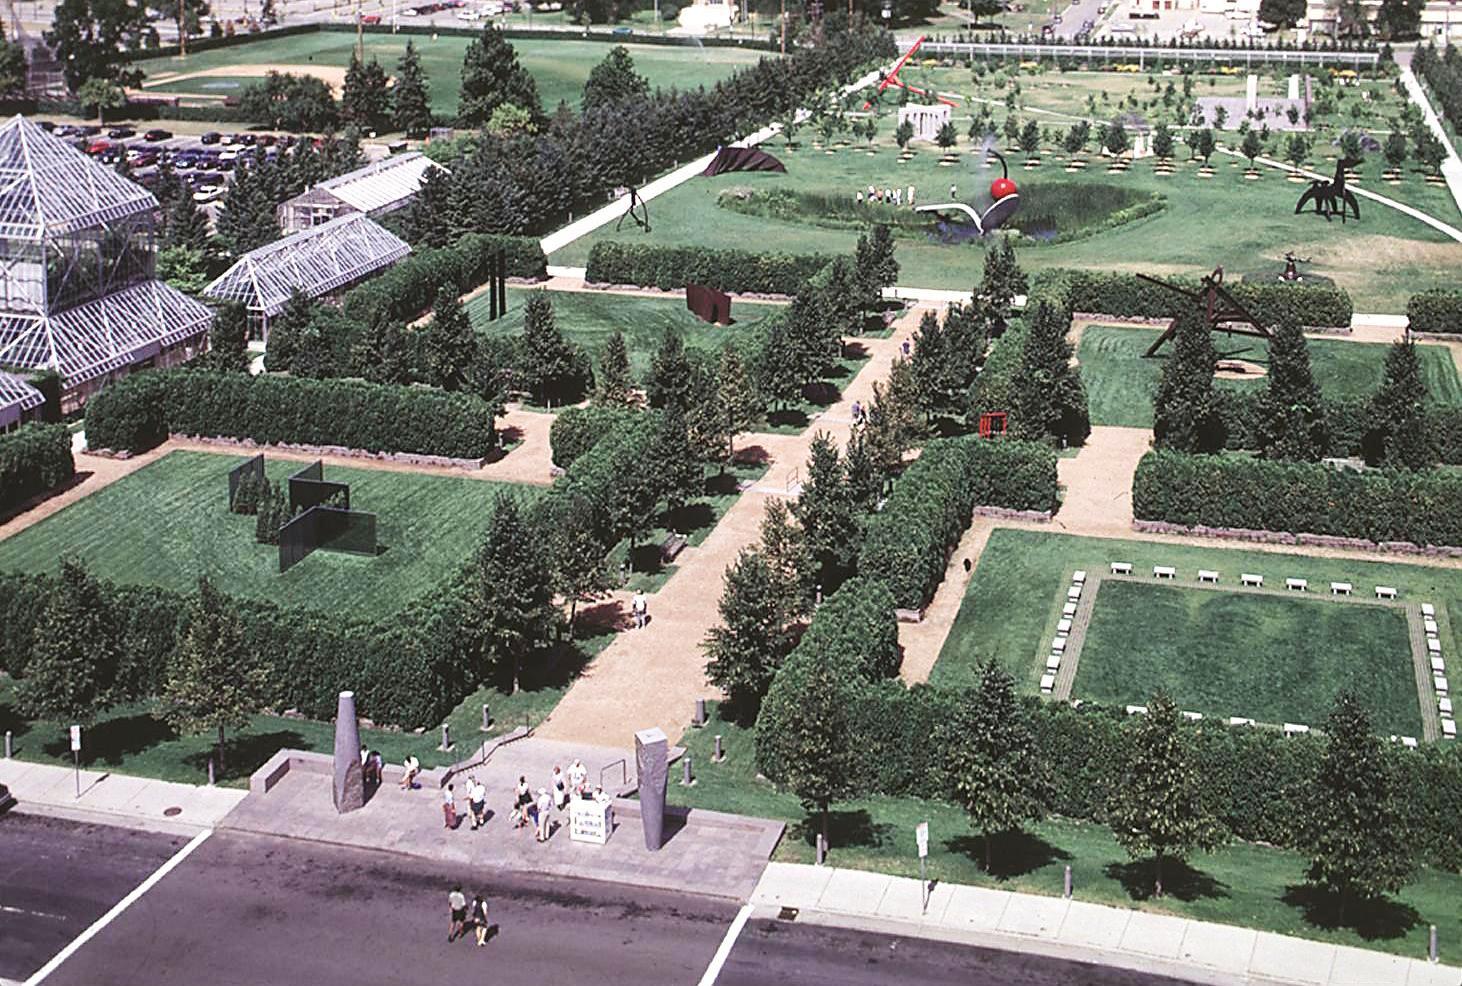 Minneapolis Sculpture Garden Minneapolis Park History